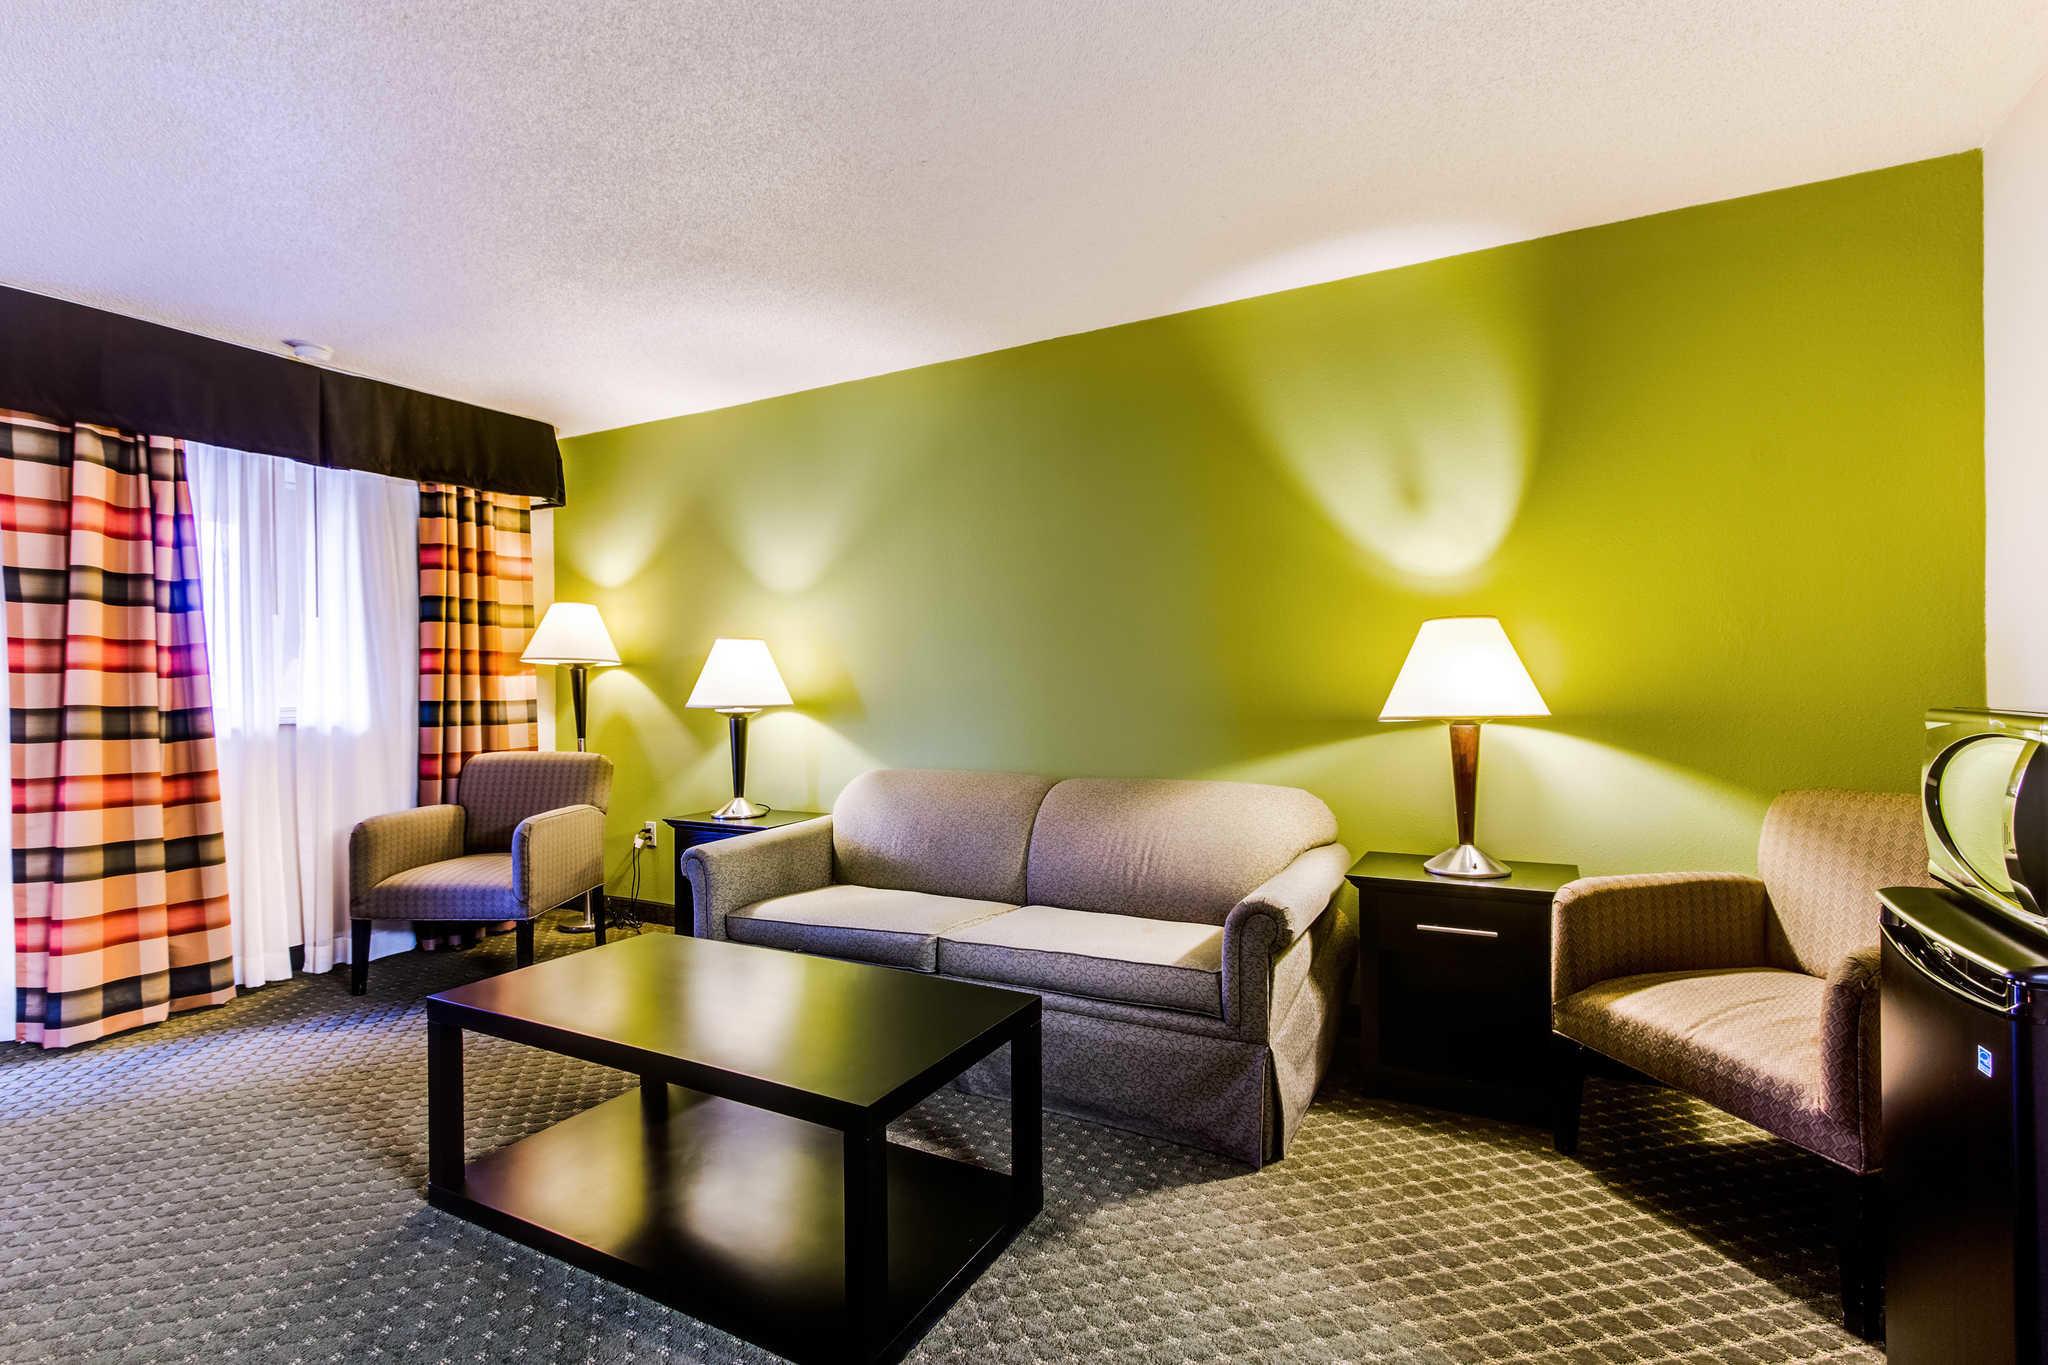 Quality Inn & Suites Moline - Quad Cities image 16